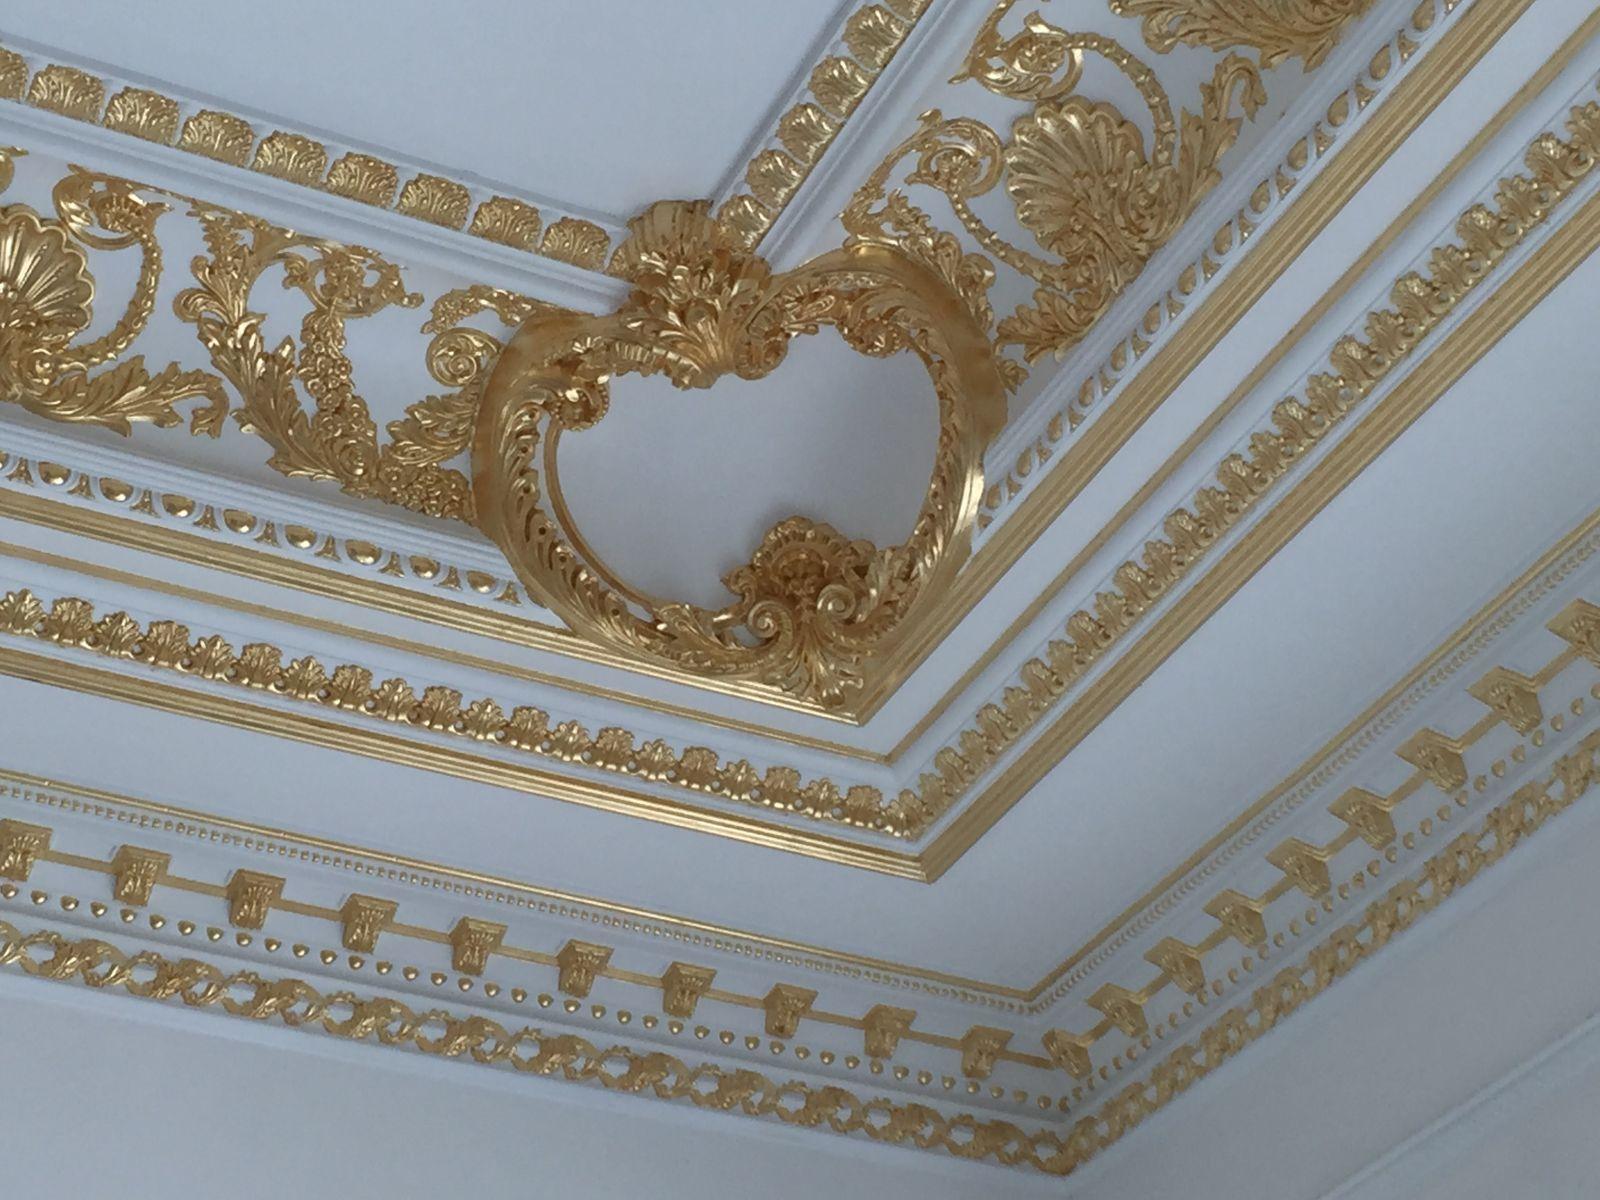 Hình ảnh trang trí trần với phào chỉ thạch cao dát vàng